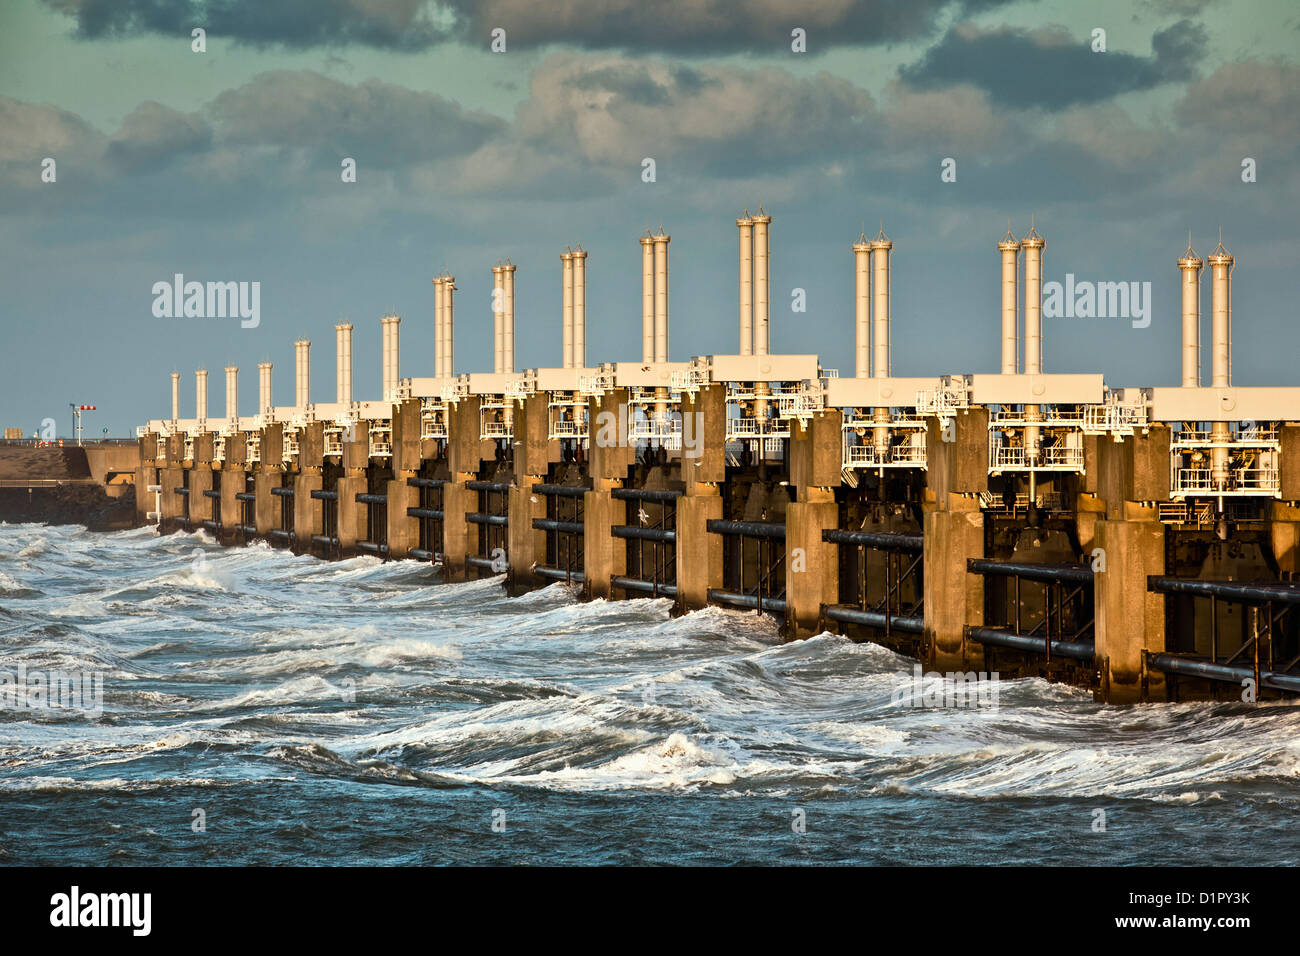 The Netherlands, Kamperland, Oosterschelde Flood Barrier. Part of the Delta Works. - Stock Image